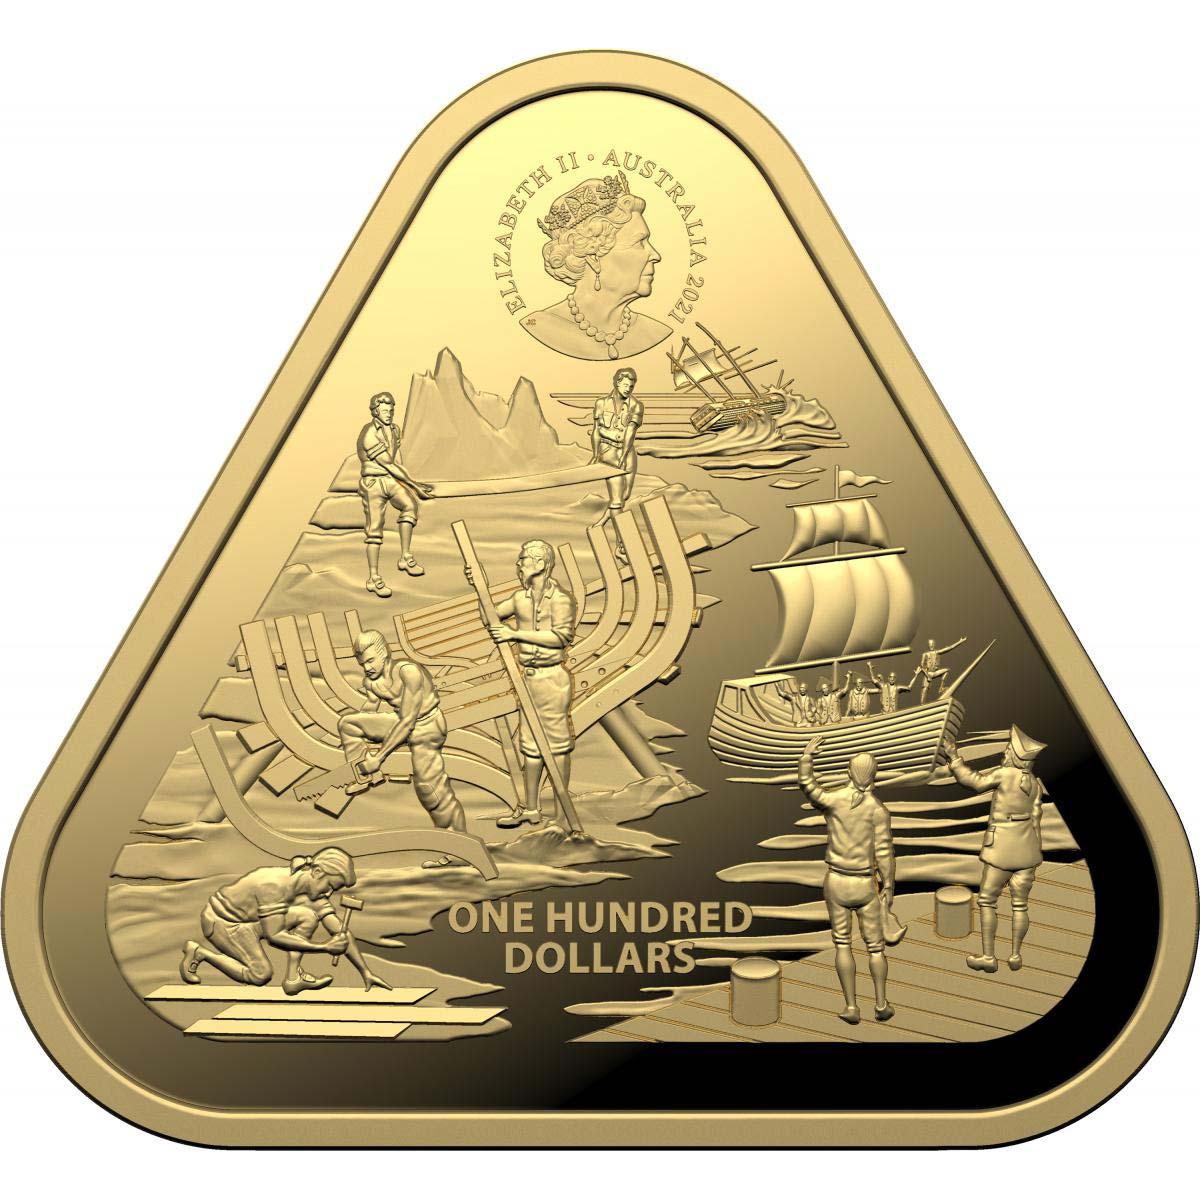 Австралия монета 100 долларов Зеевик, аверс